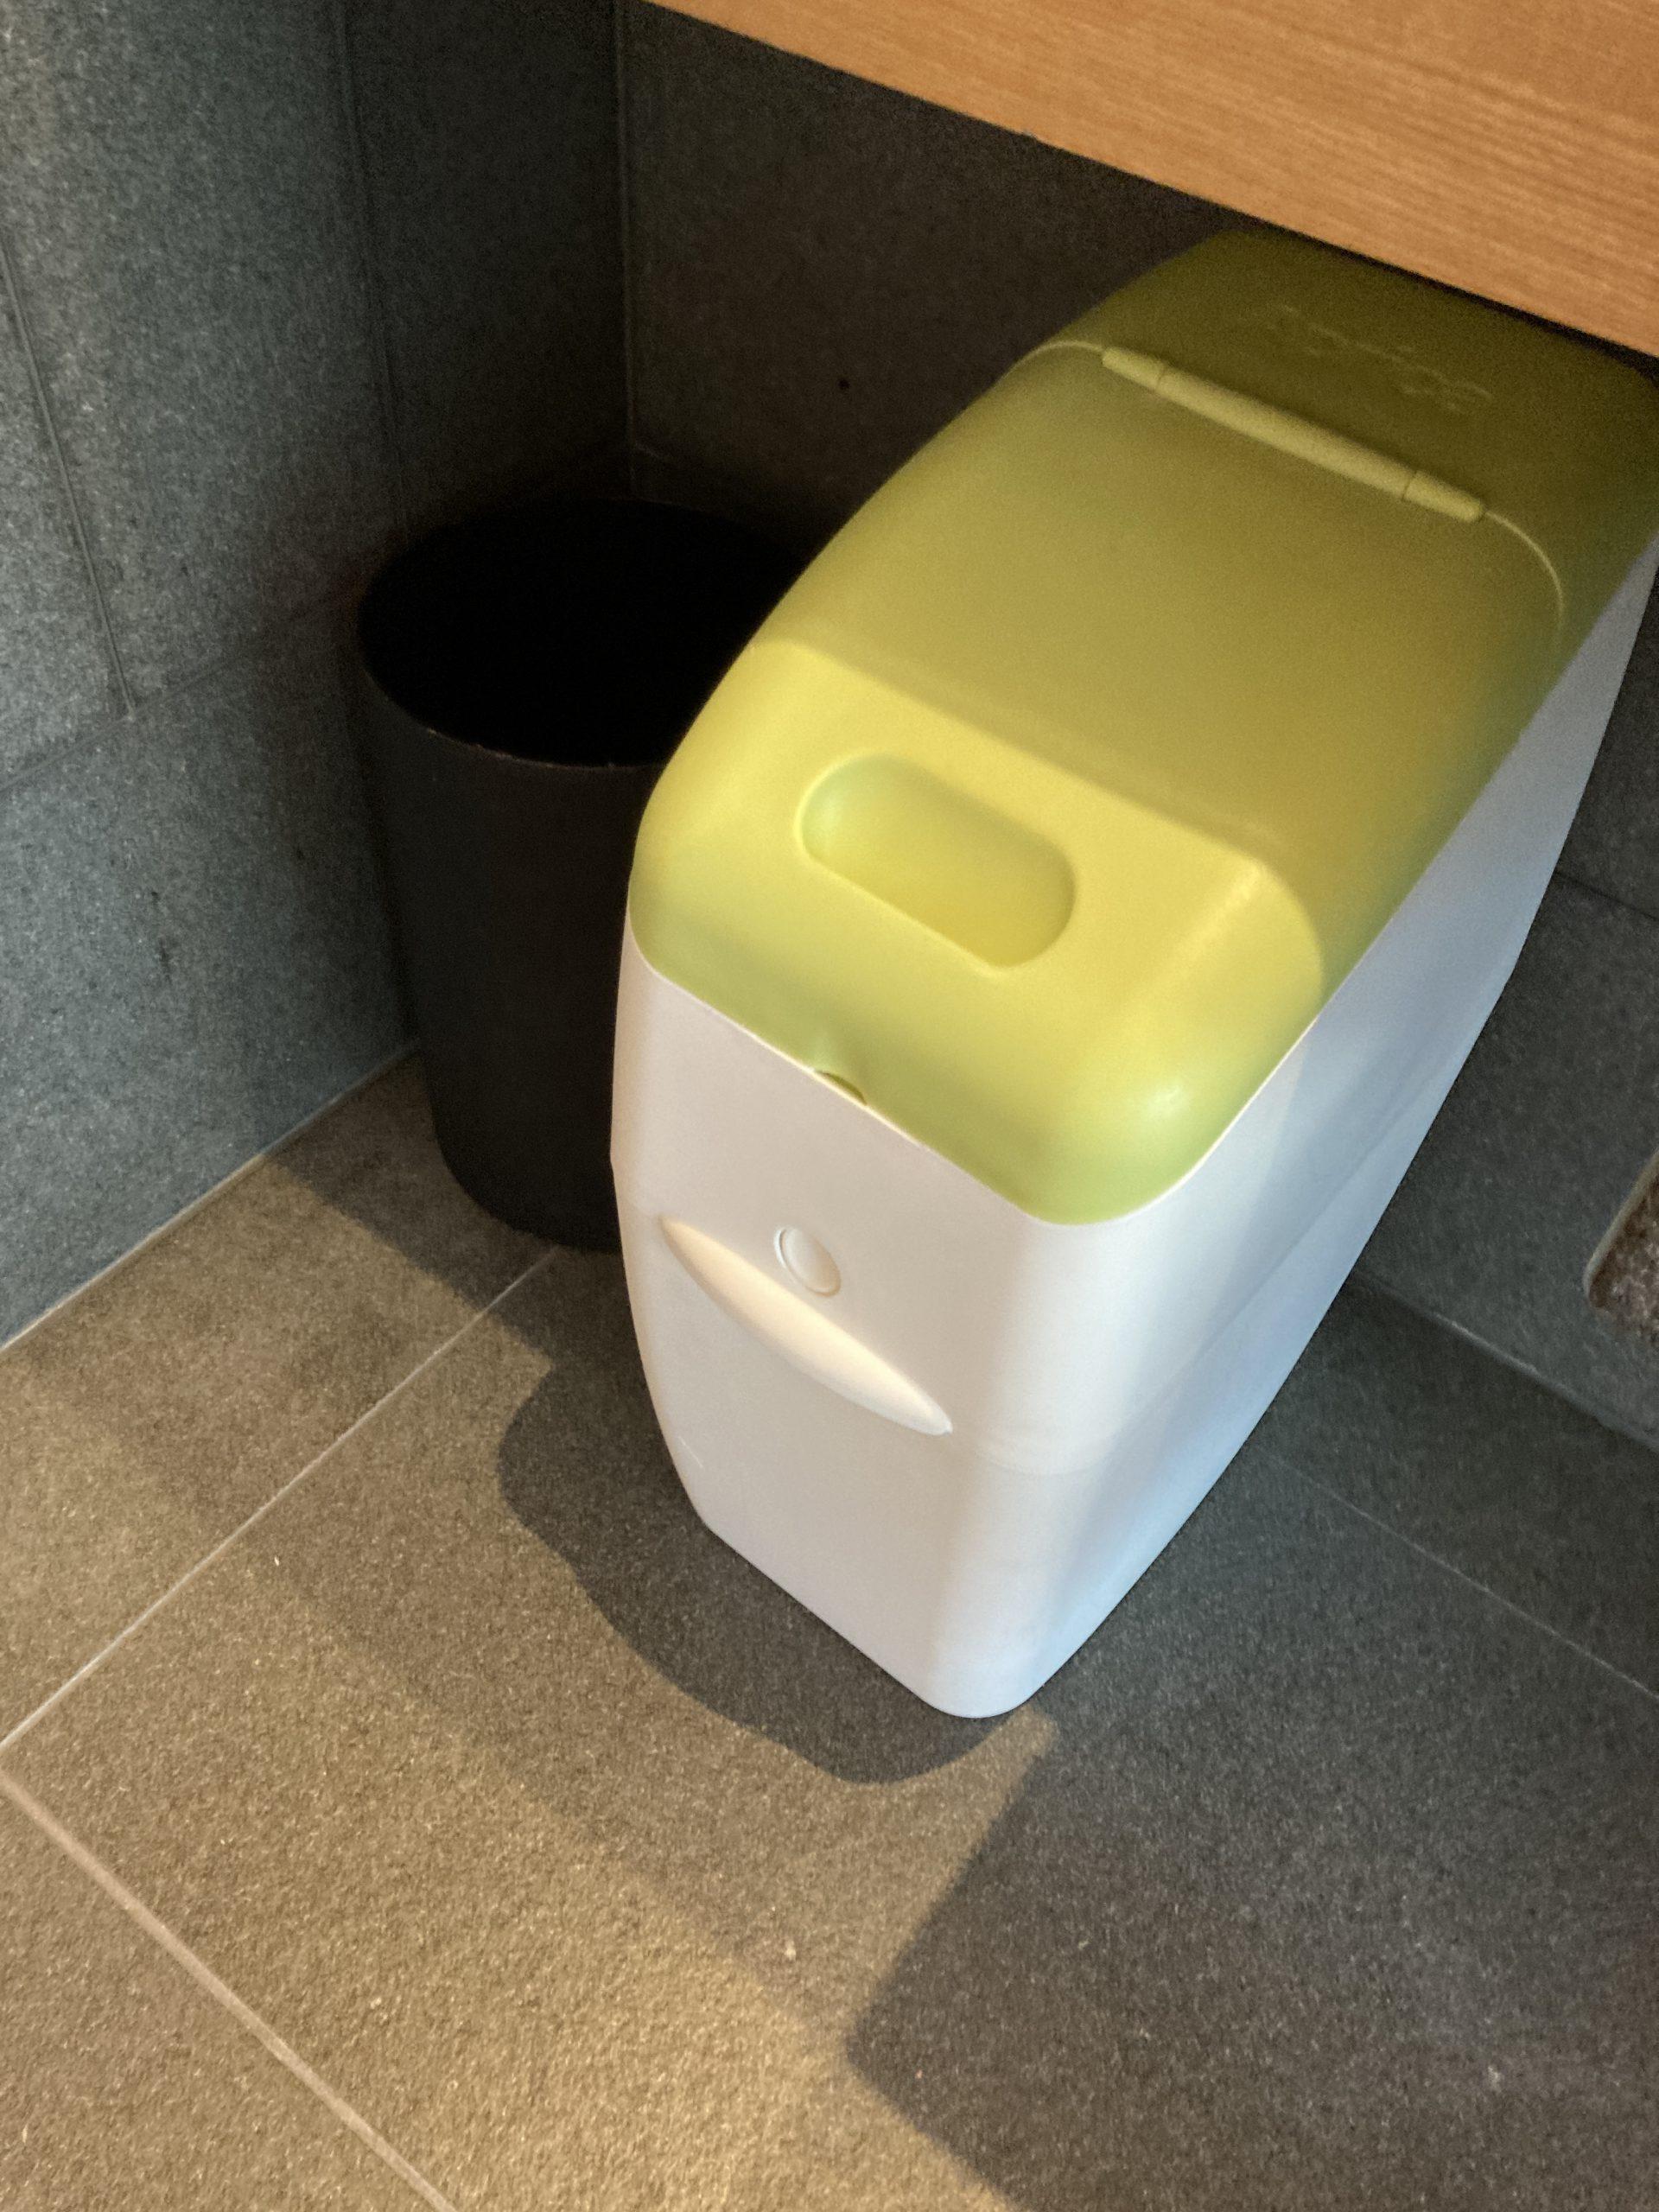 アマン東京 オムツ用ゴミ箱 高級ホテル